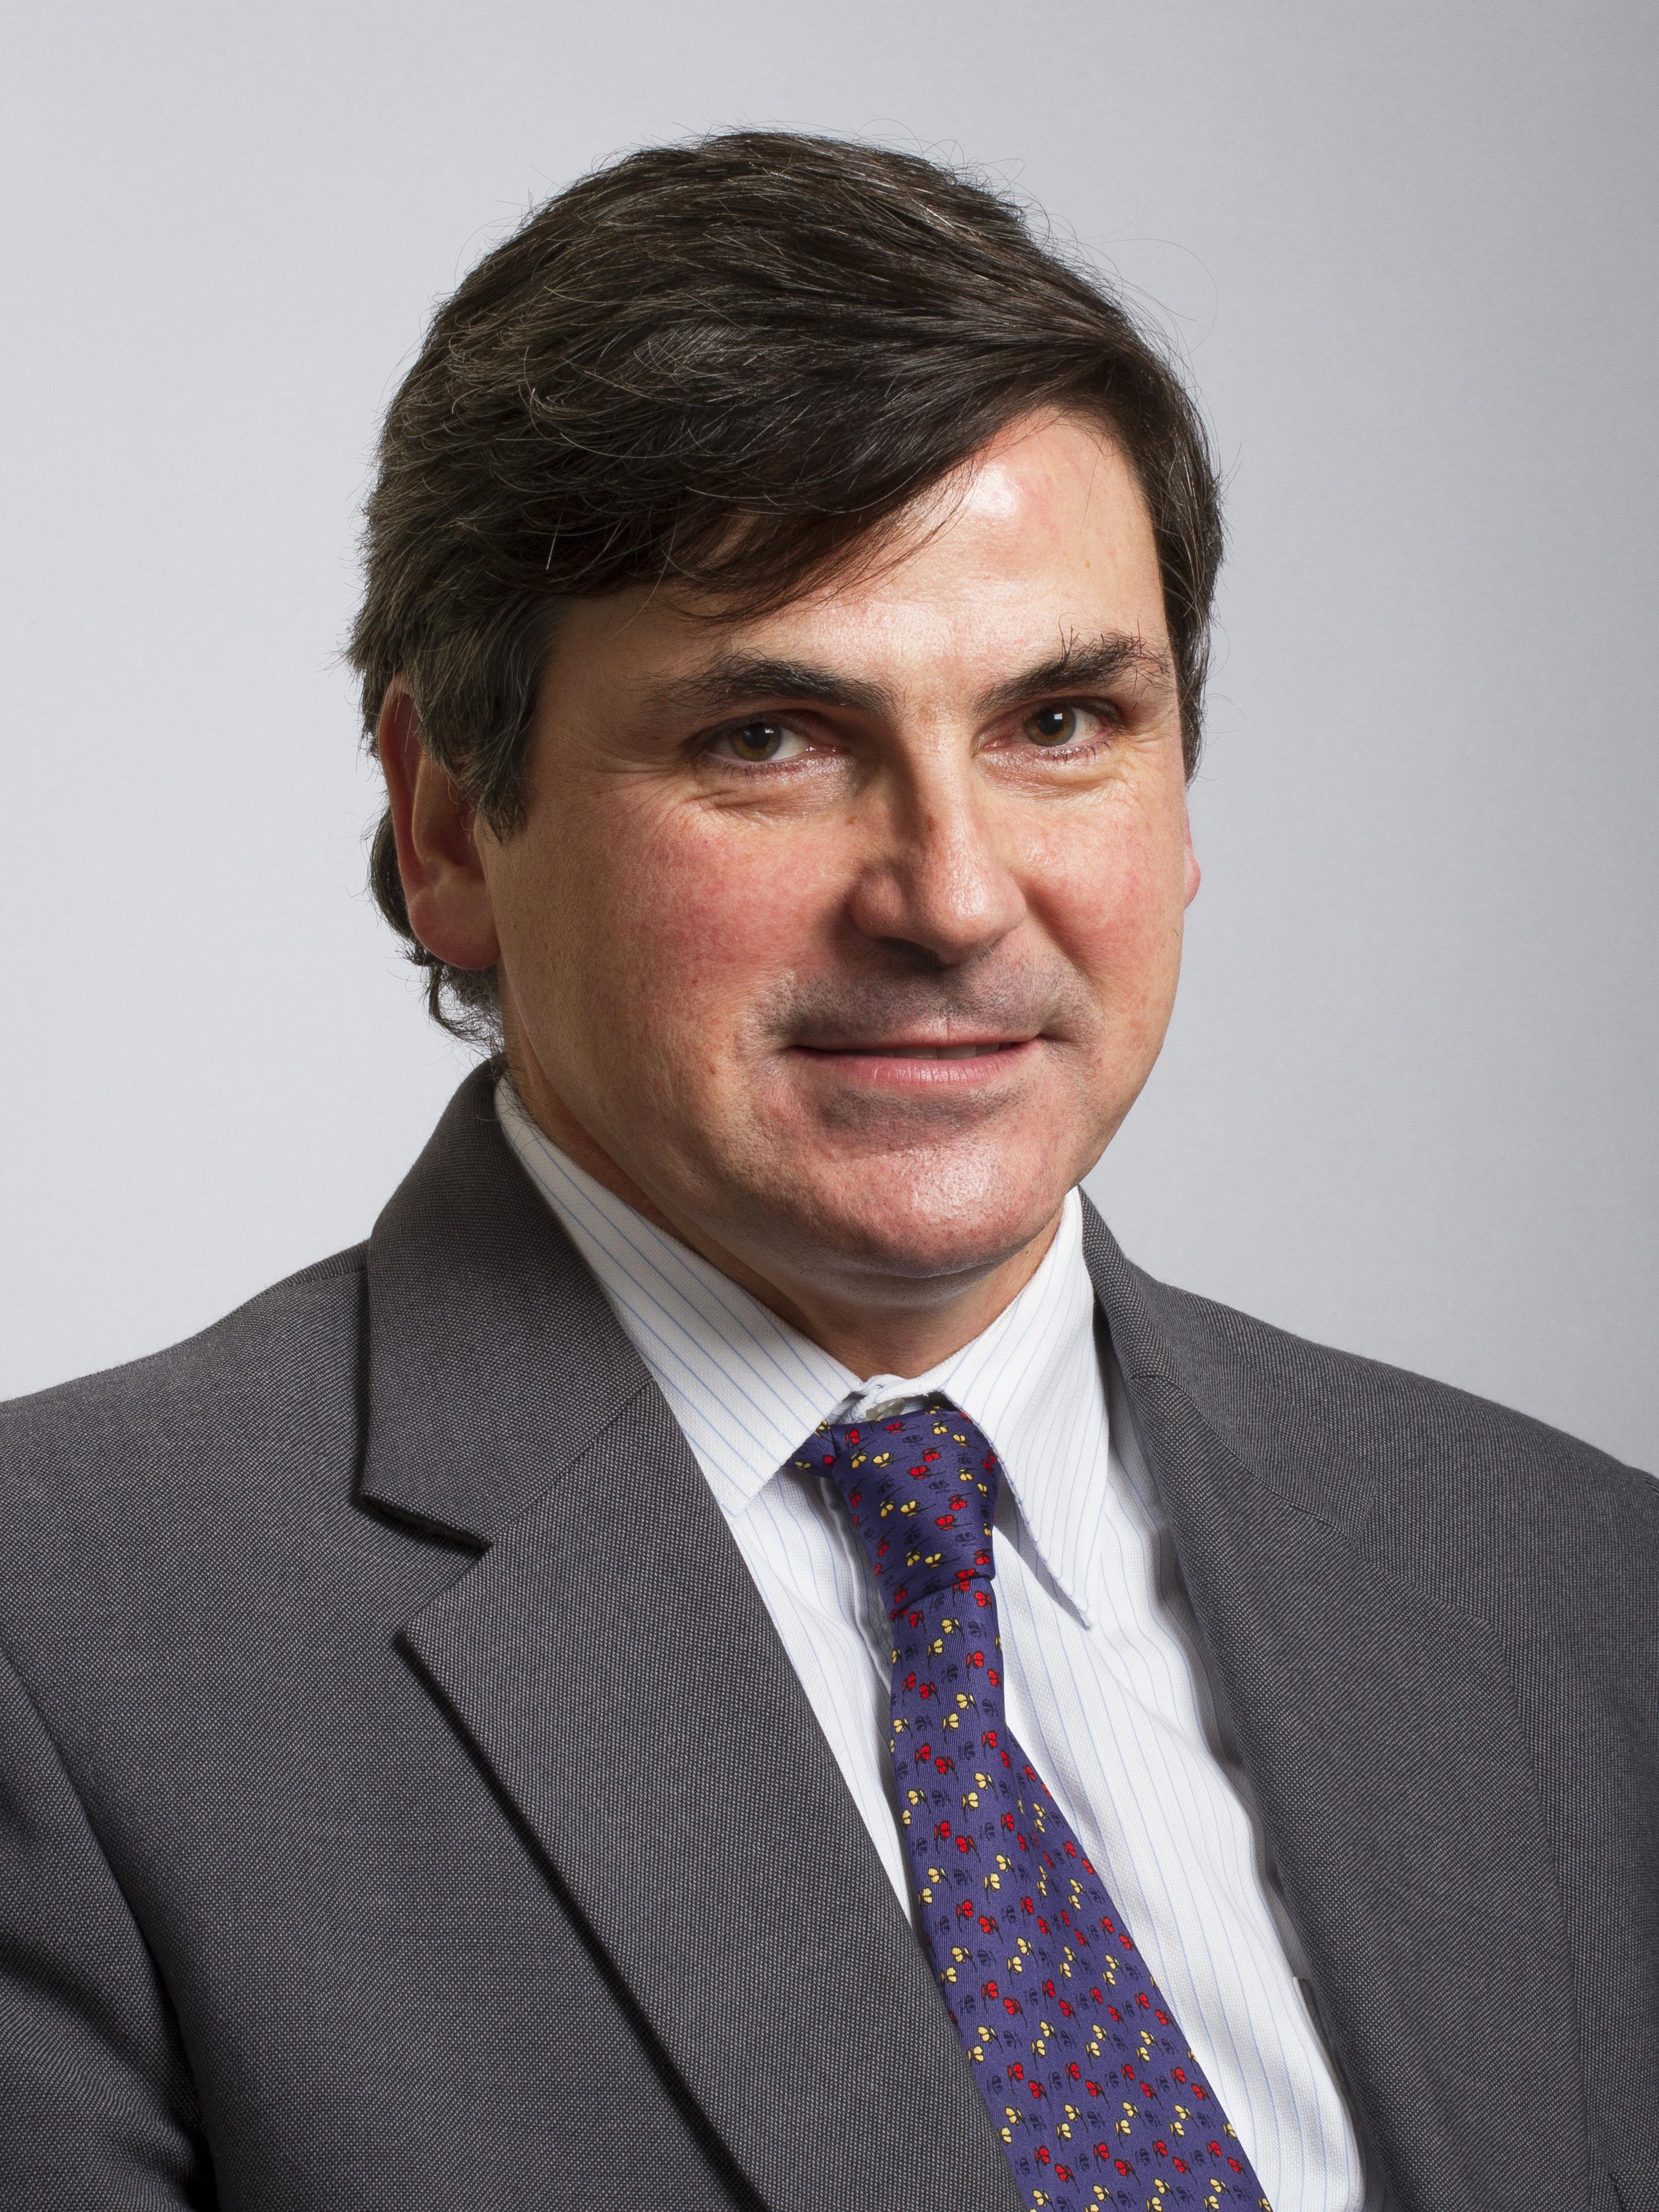 Diego Velasco Suarez